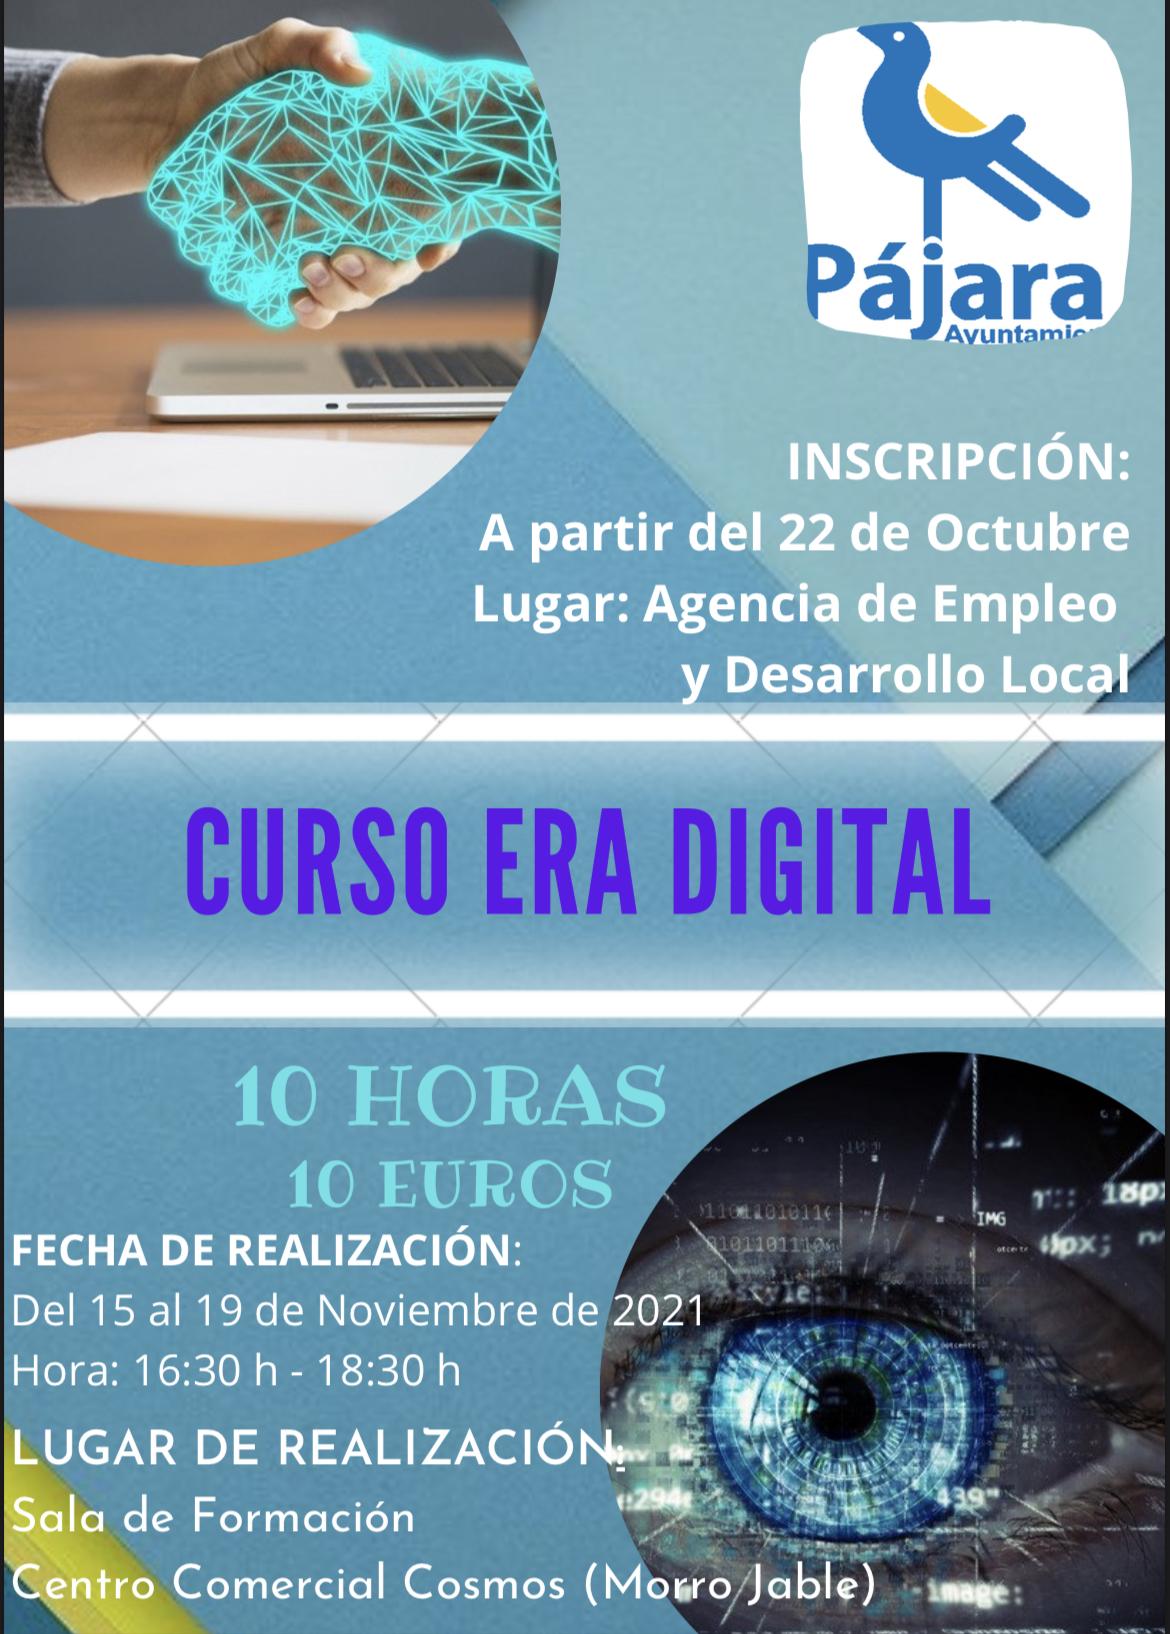 El Ayuntamiento oferta cursos de castellano y de competencias digitales para fomentar la inserción laboral en Pájara